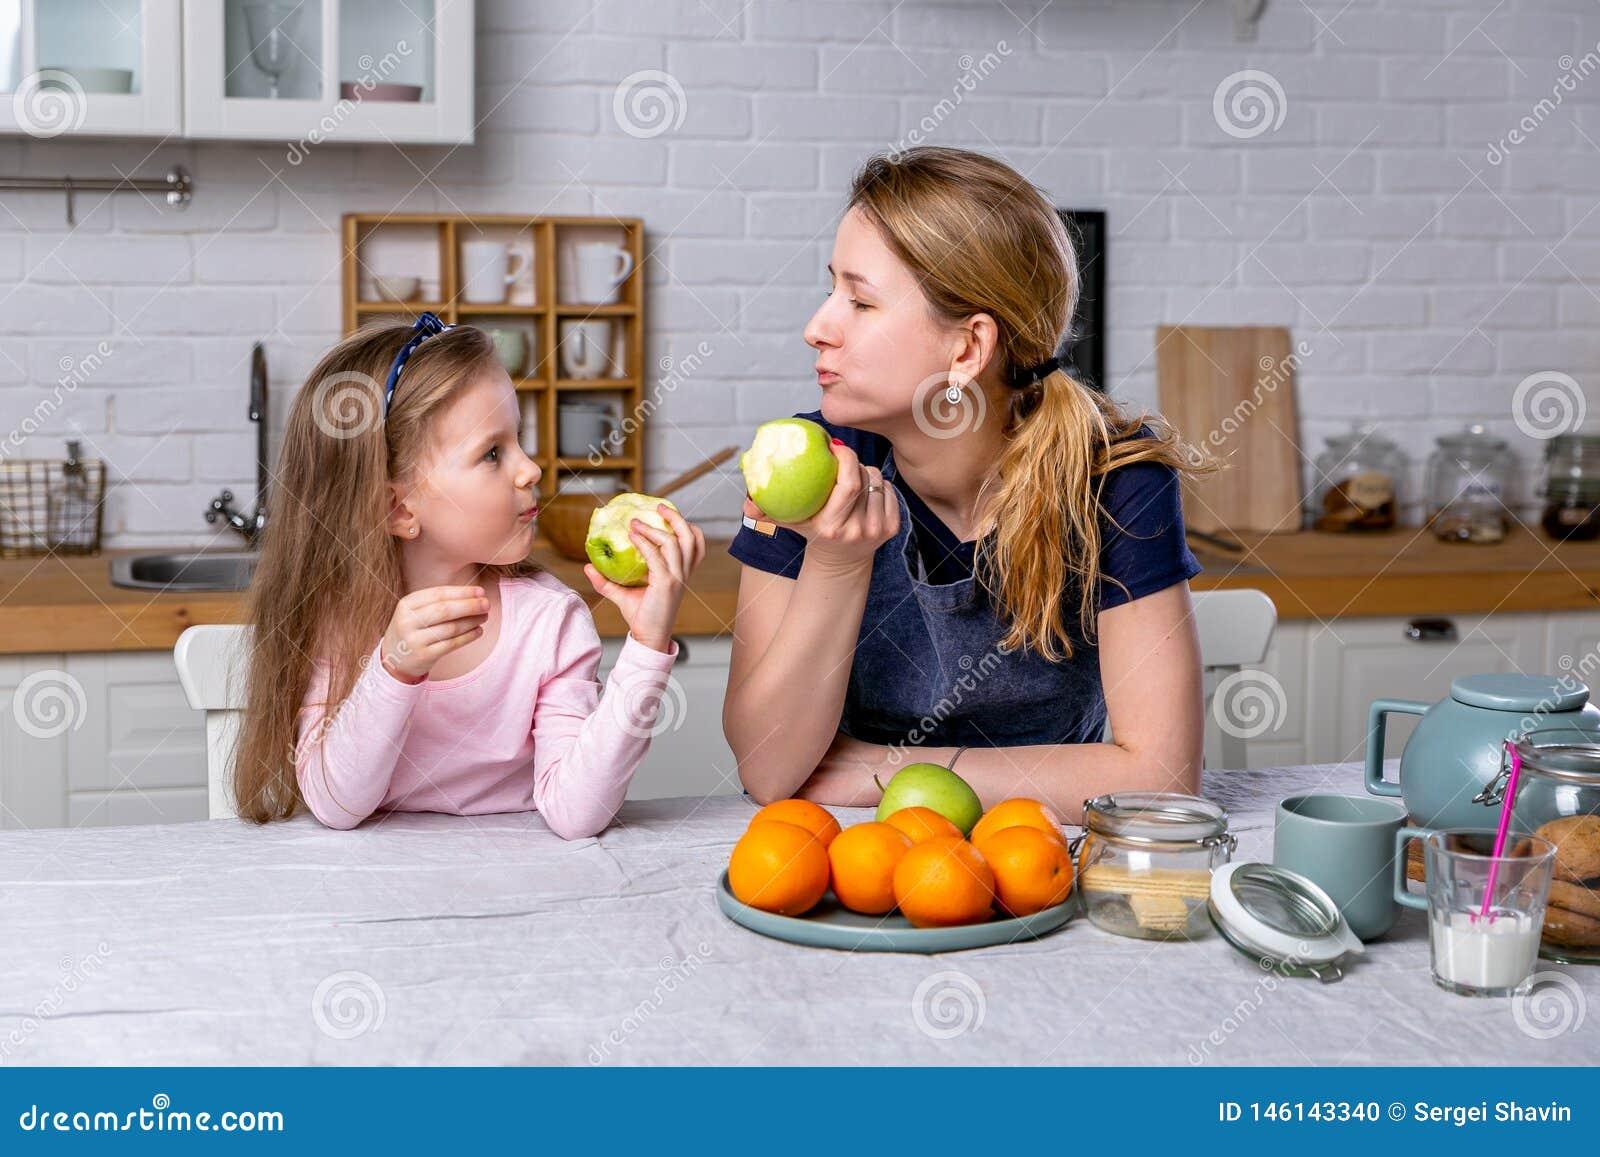 愉快的女孩和她美丽的年轻母亲一起食用早餐在一个白色厨房 他们获得乐趣并且吃着苹果